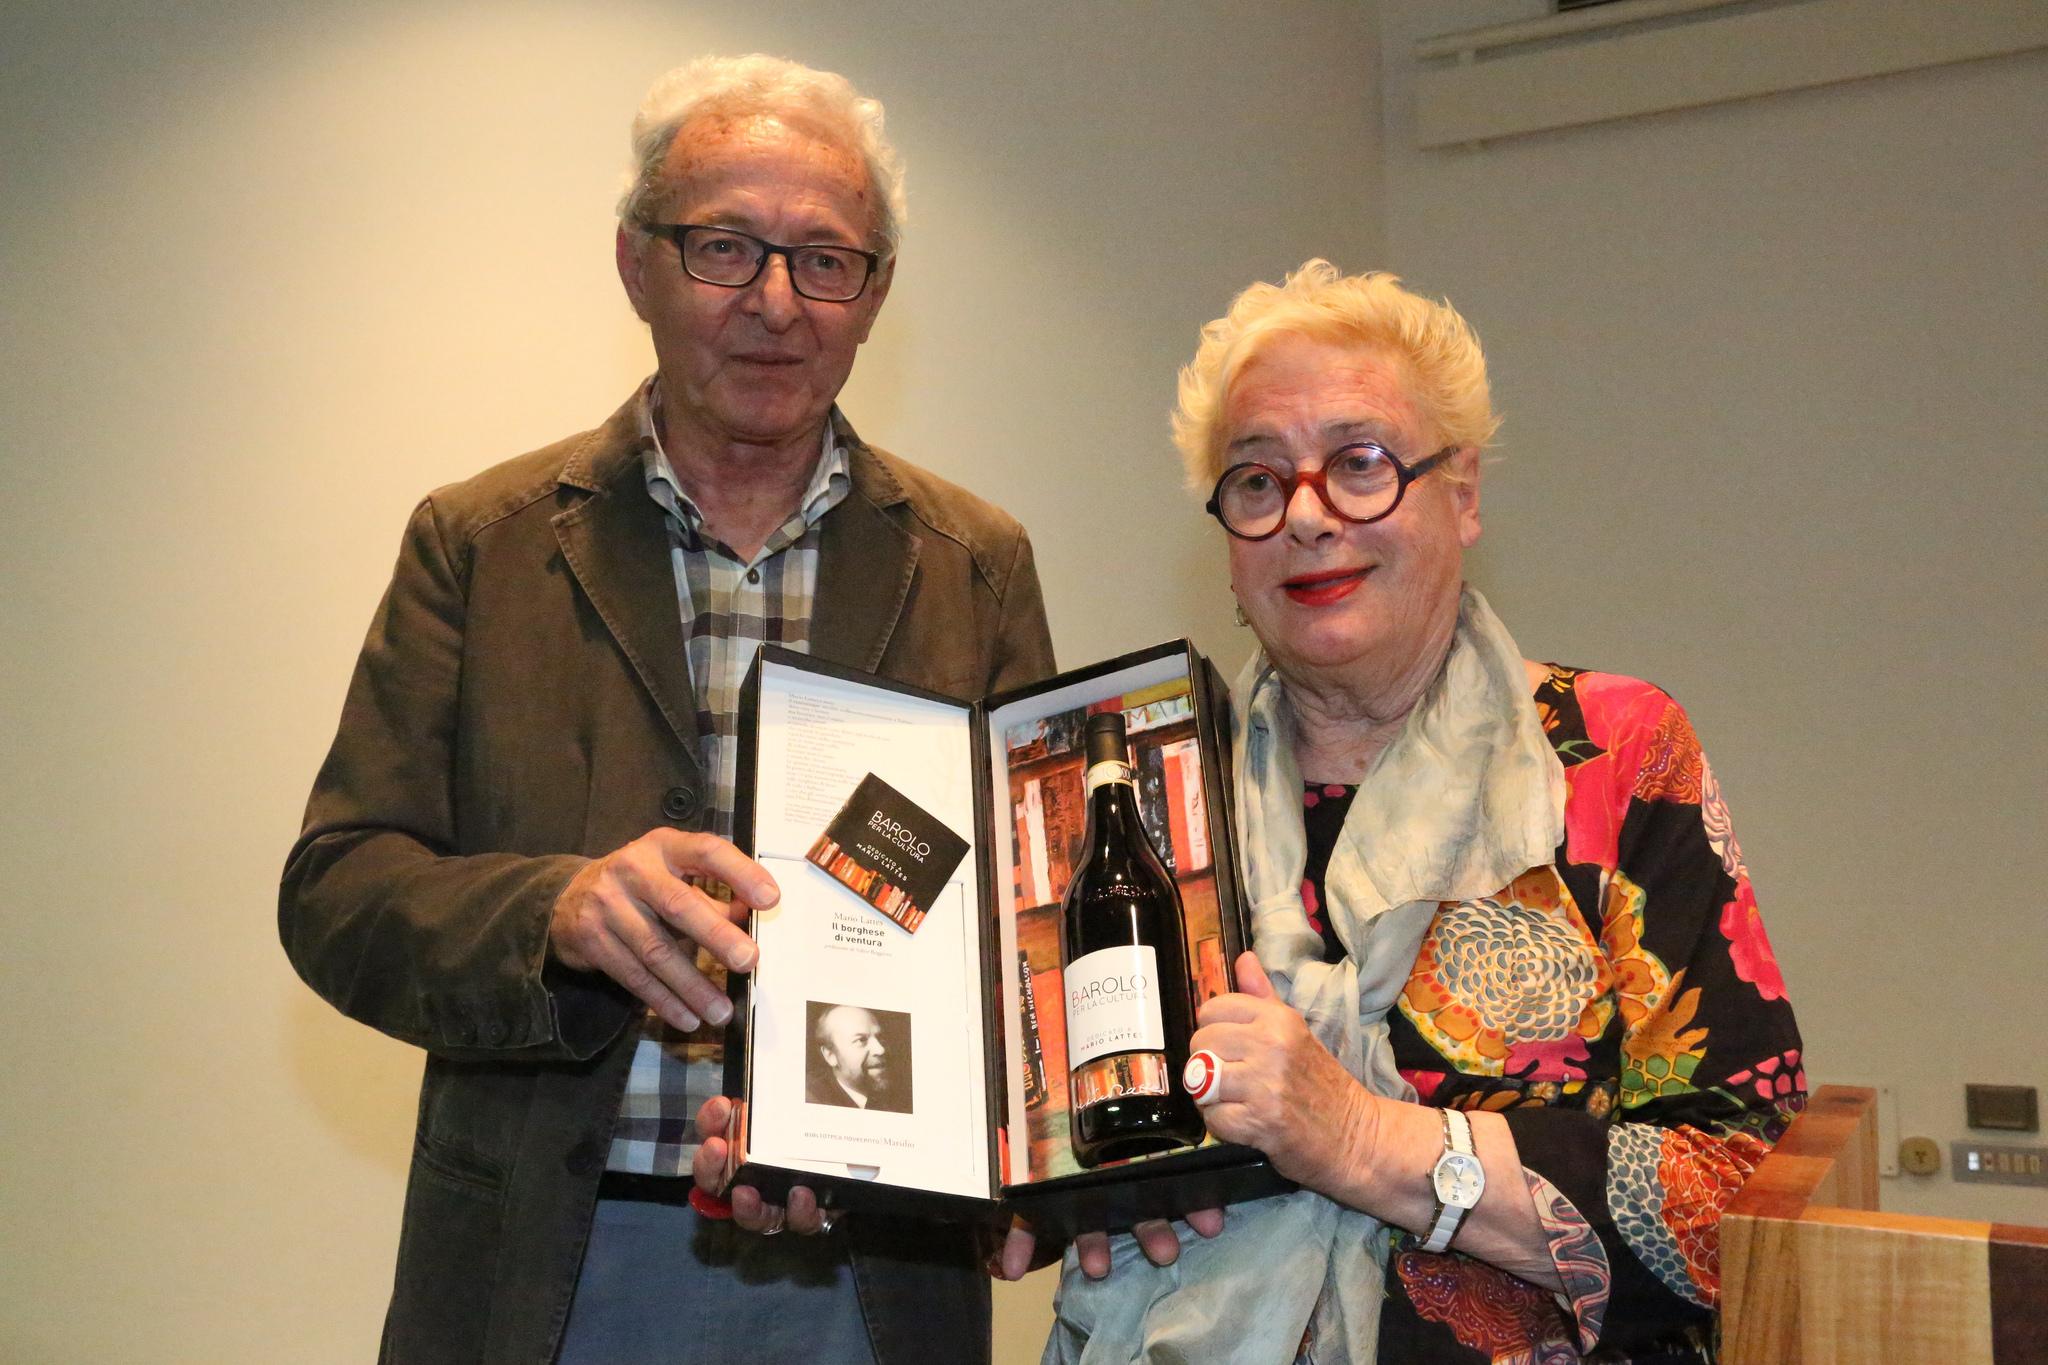 Caterina e Adolfo Ivaldi per il Barolo fenogliano